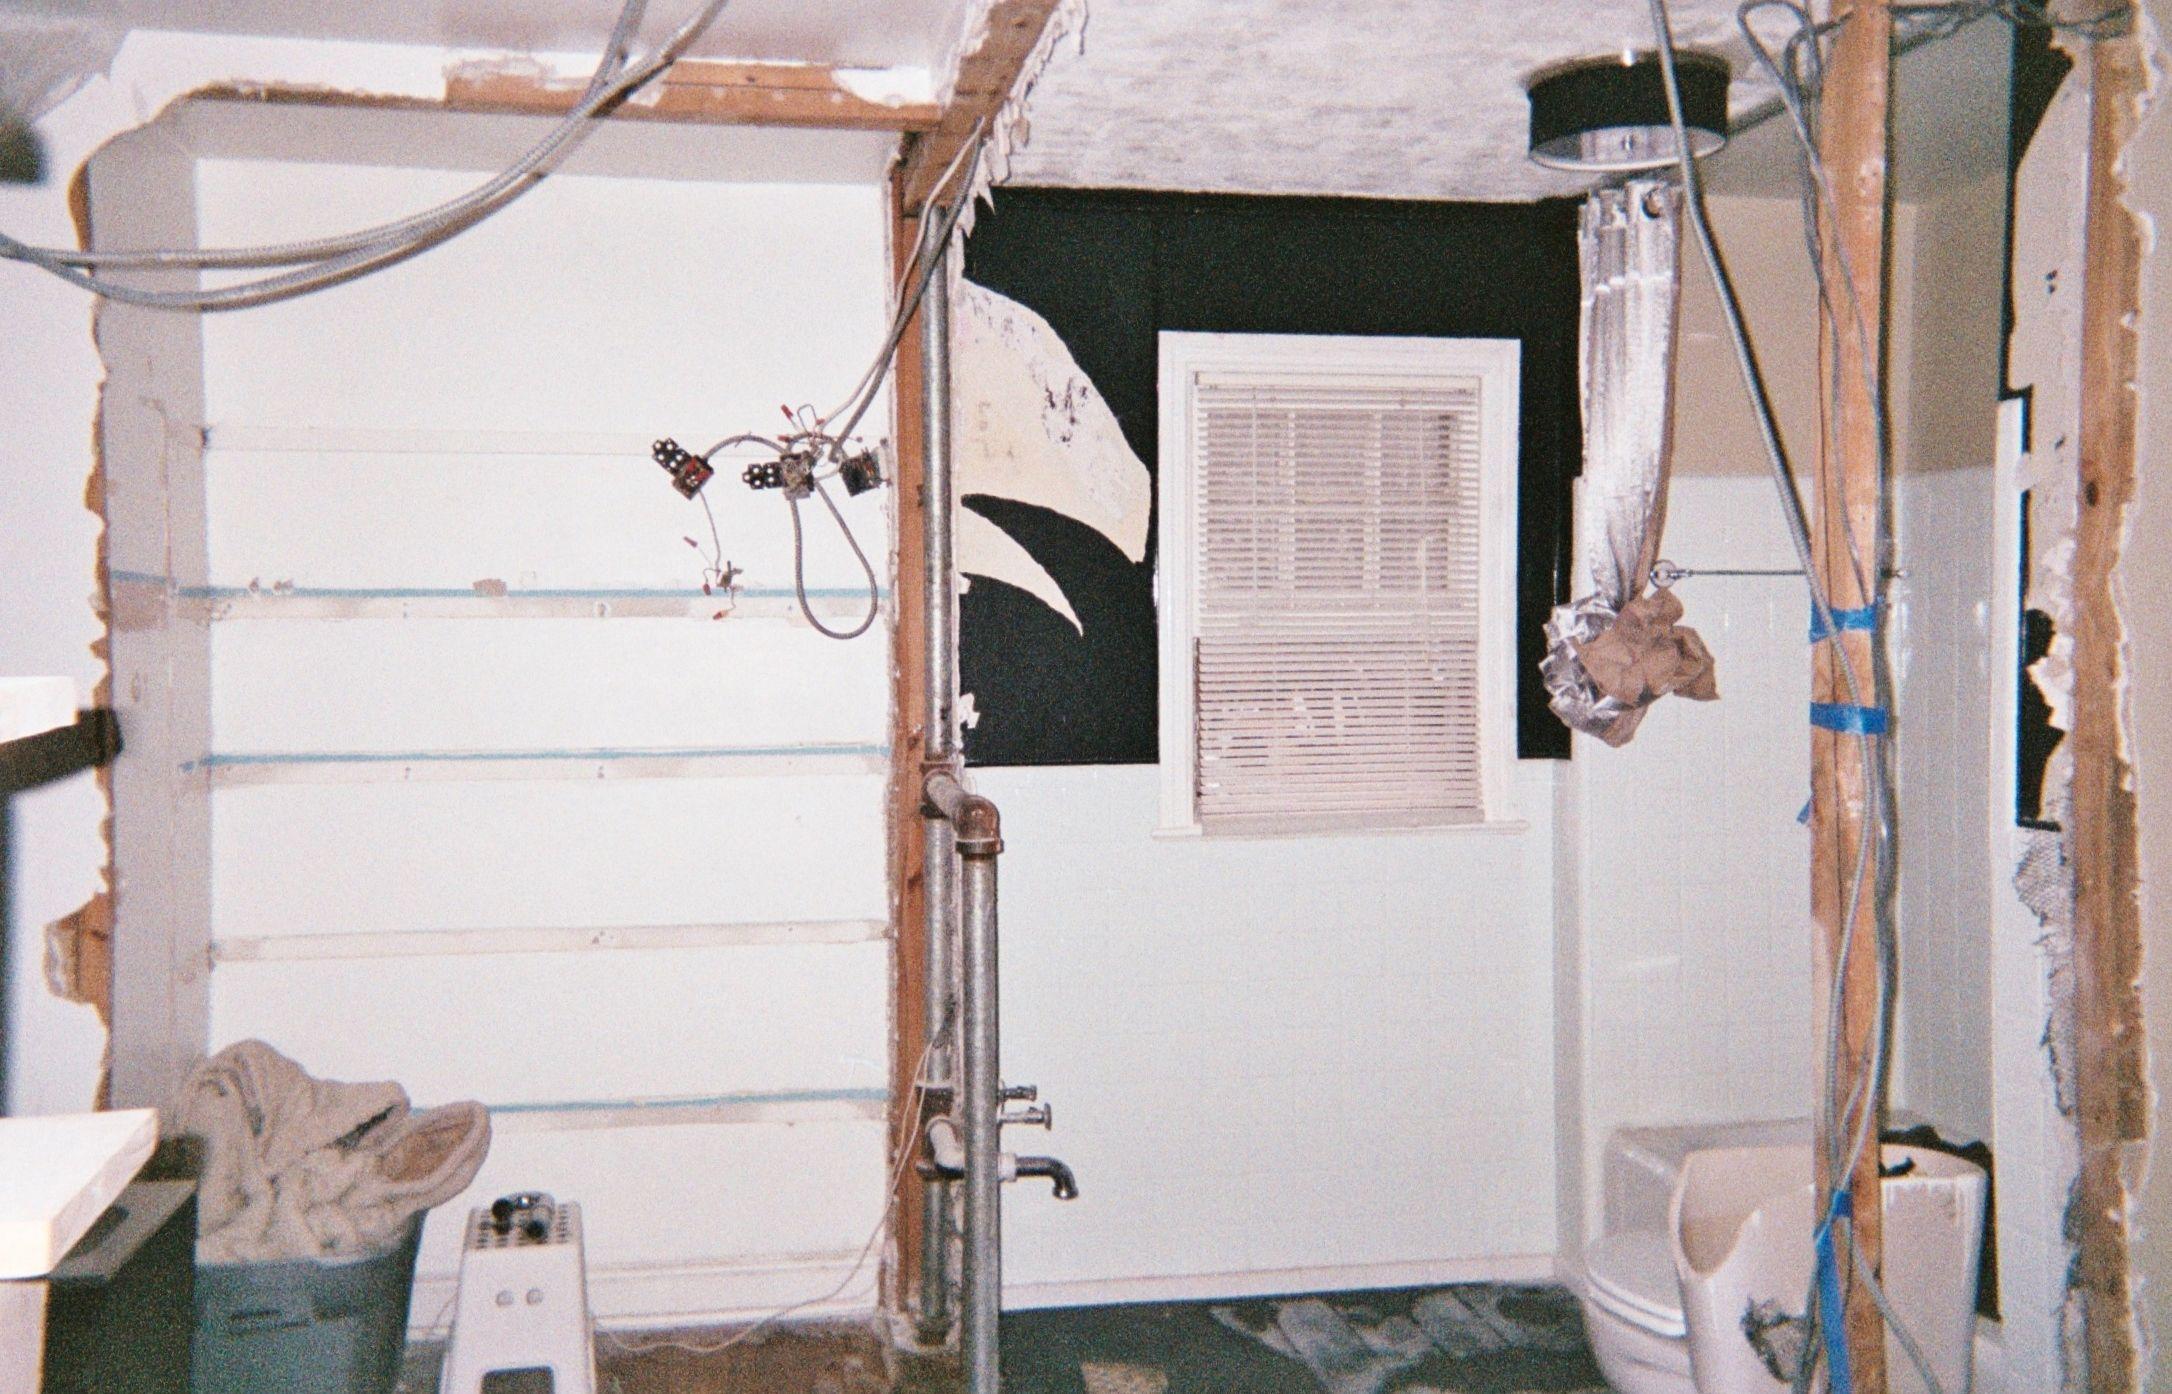 Ausgezeichnet Redo Electrical Wiring House Bilder - Elektrische ...